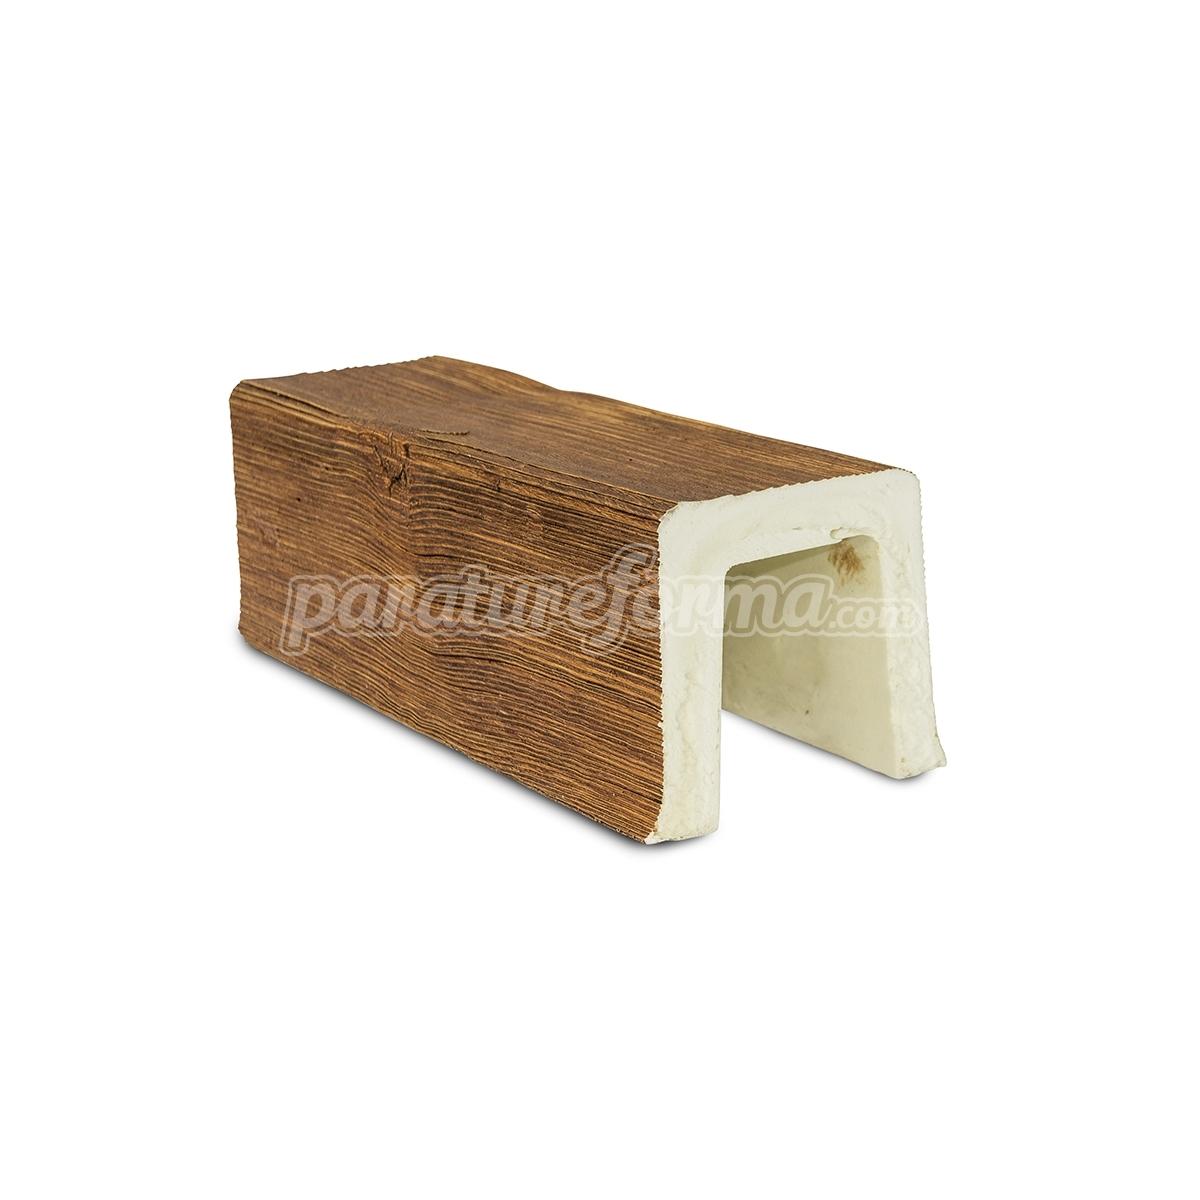 Viga 200x10x10 imitación madera Vigas imitación madera cuadradas